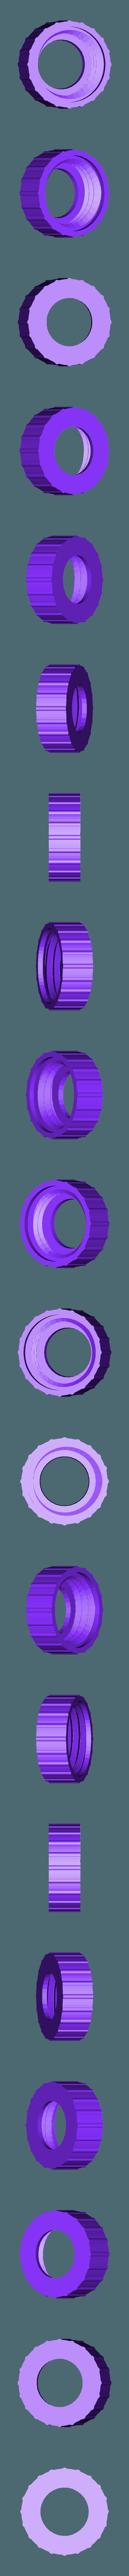 tappo_sacapoche.stl Télécharger fichier STL gratuit Remplacement du porte-buse de la poche à pâtisserie • Modèle pour imprimante 3D, MarcoAlici